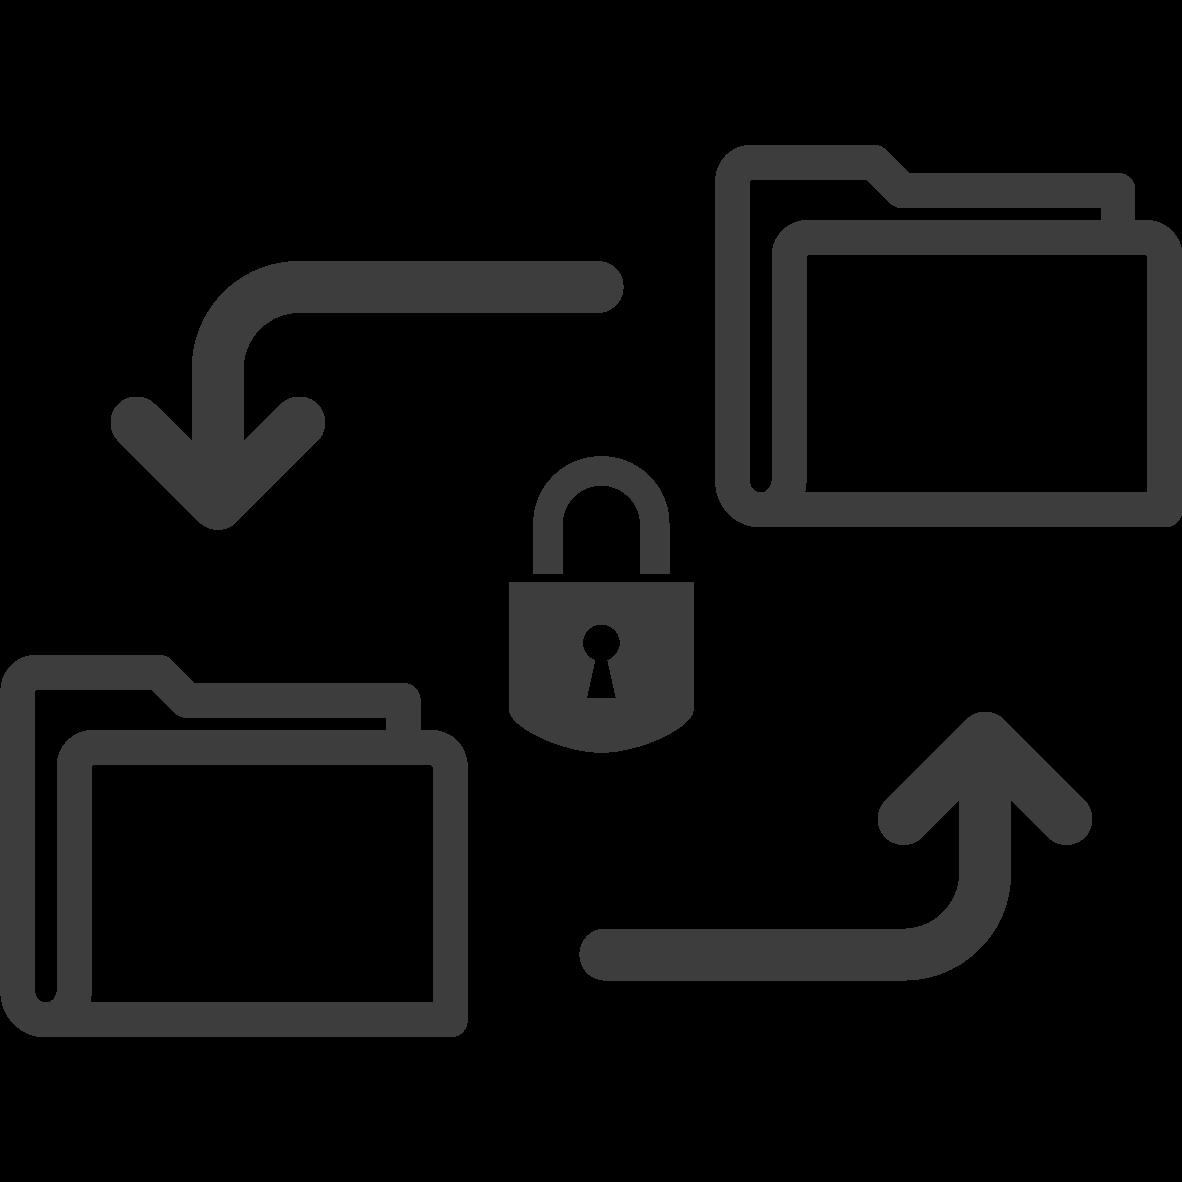 E2E Data Protection